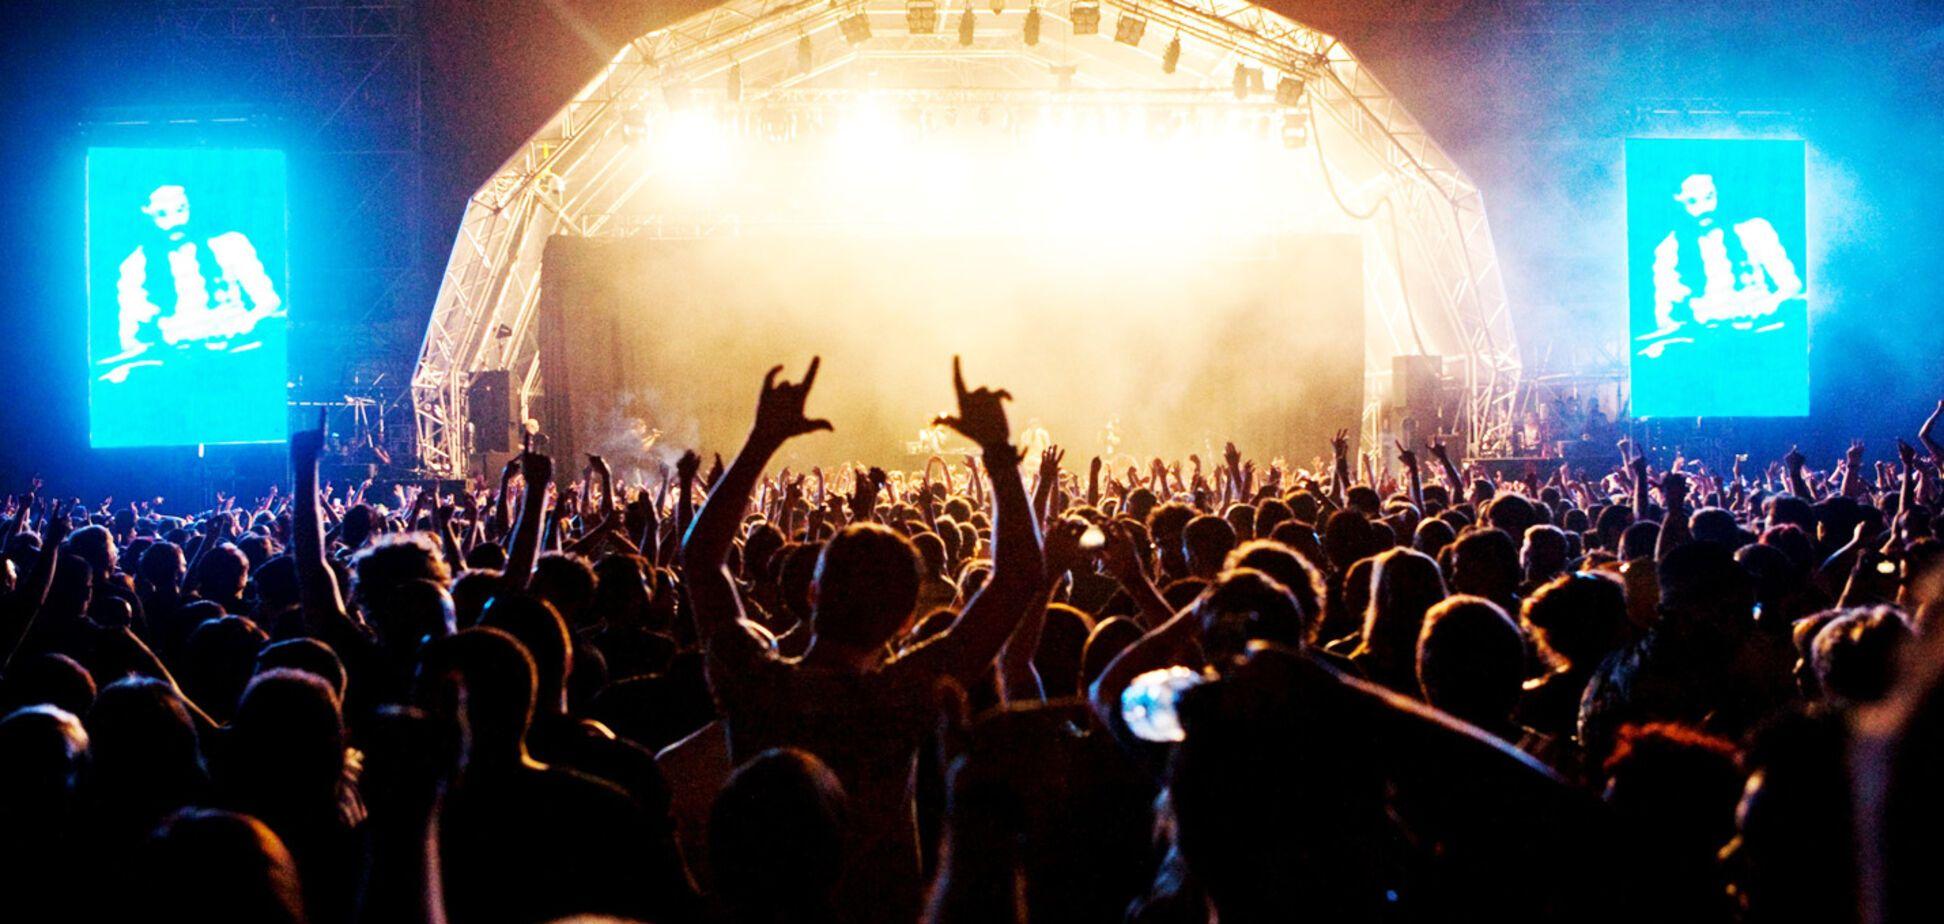 Музыкальный фестиваль Ostrov, 29.06-01.07